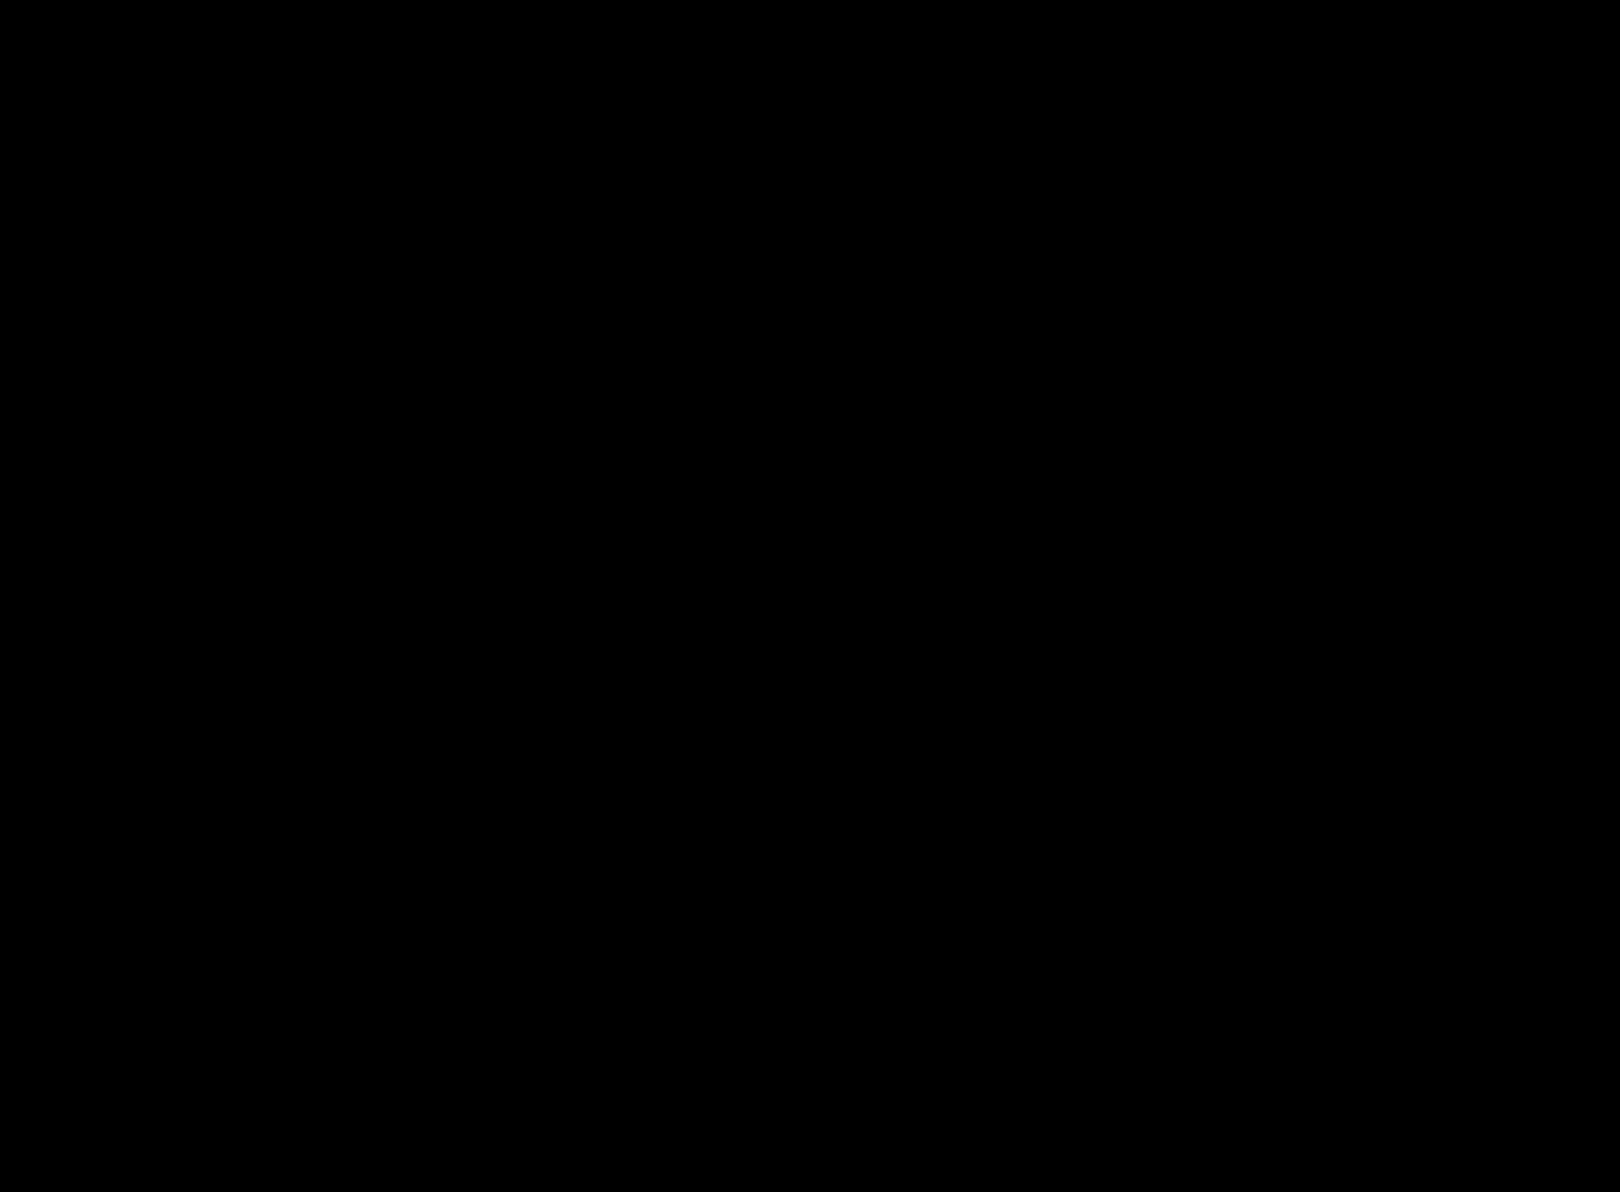 Aktstudie 49×80